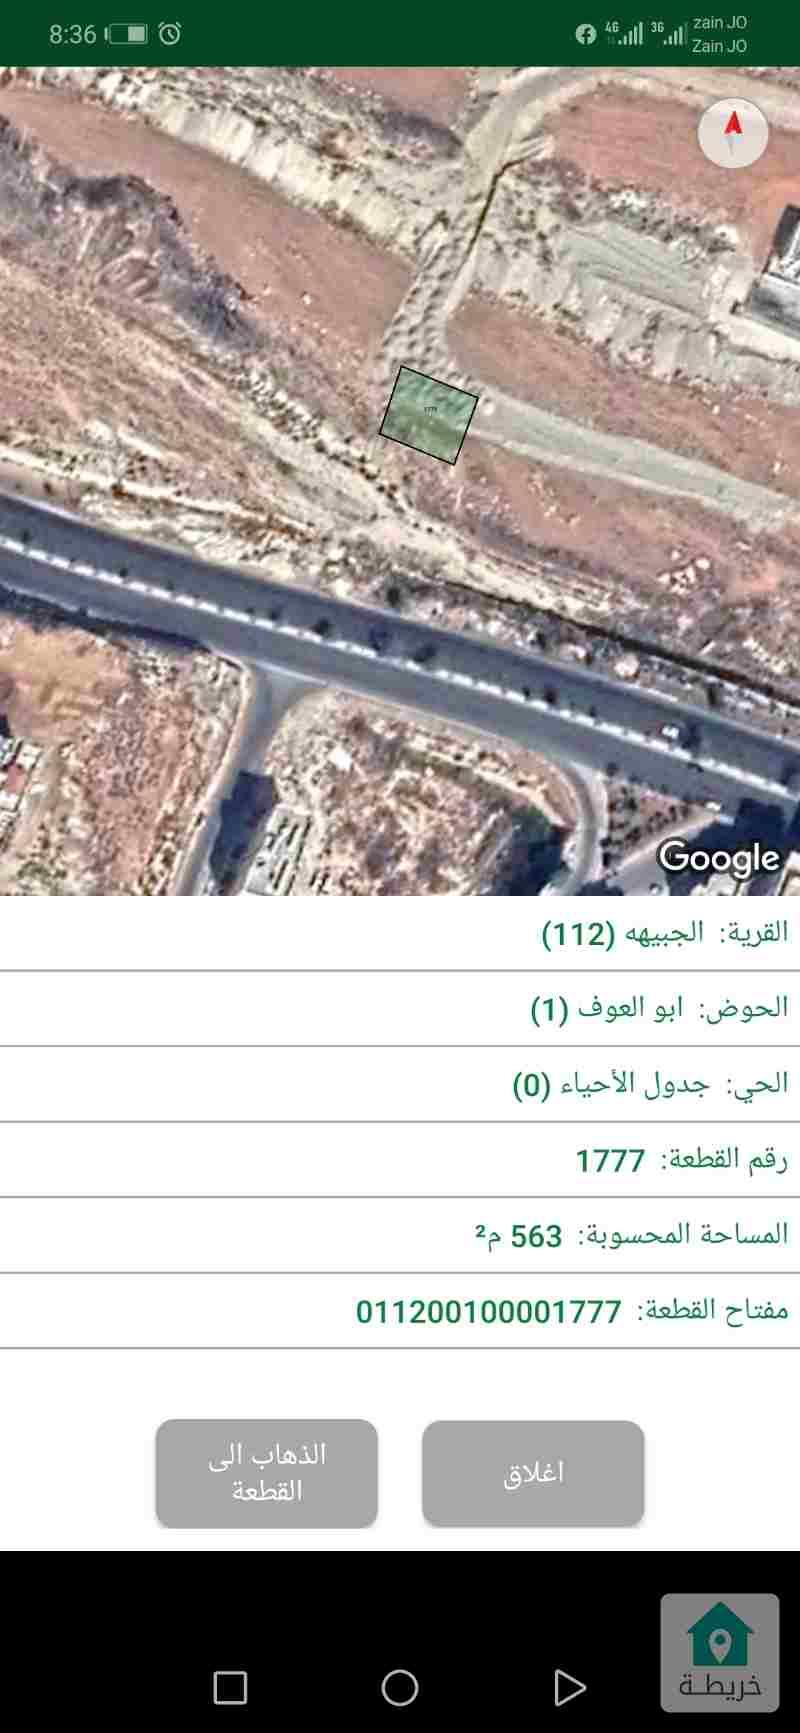 قطعة ارض ب جبيهة حوض ابو العوف مساحة 563م